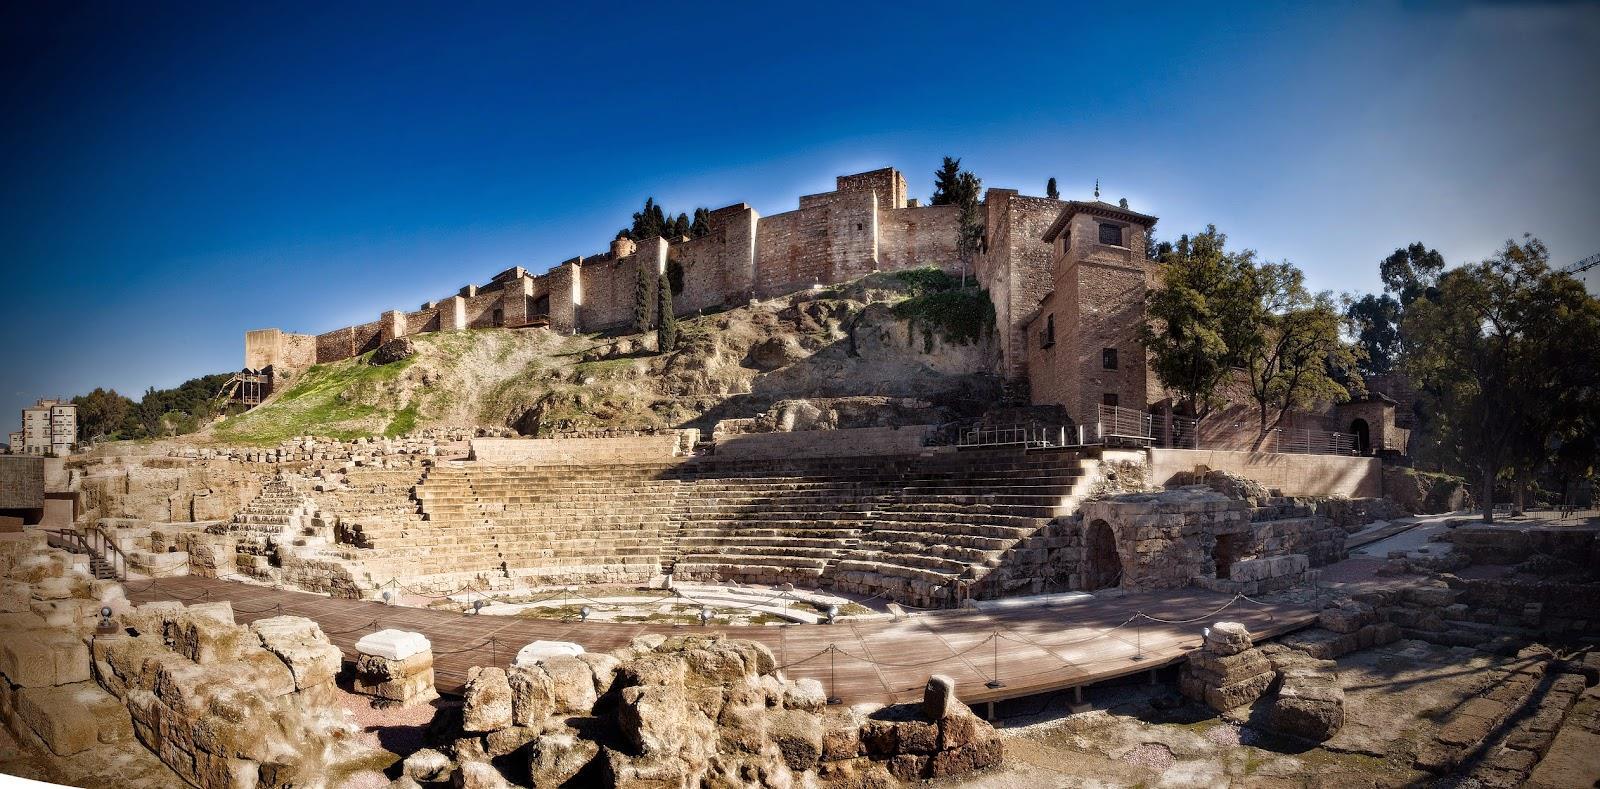 Visita-Malaga-Monumental-con-entradas-2